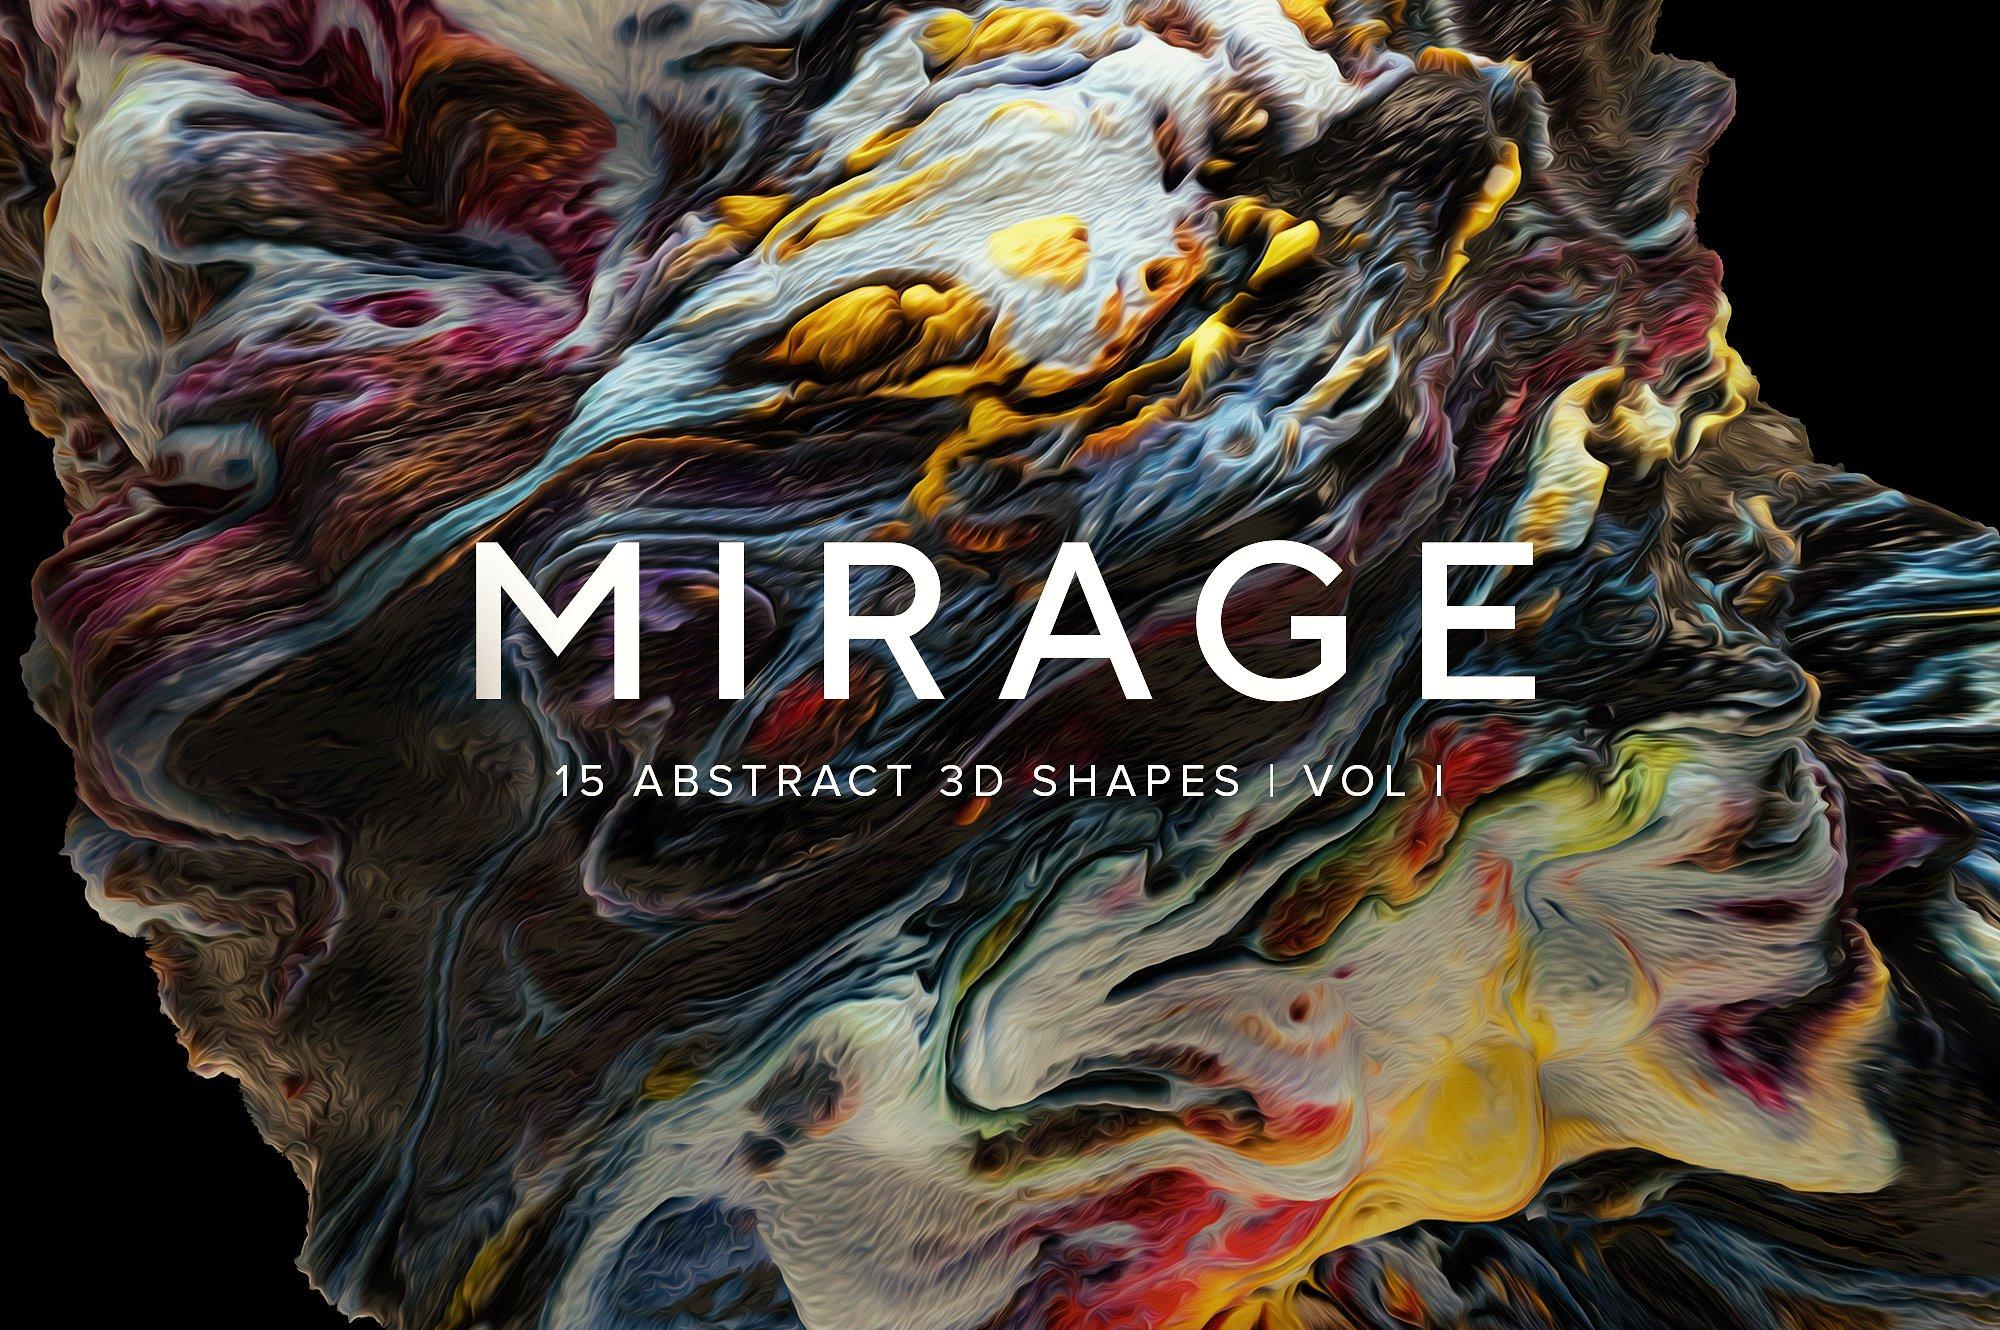 创意抽象纹理系列:15款高清3D抽象纹理&笔刷 3D Mirage, Vol. 1 (Exclusive)插图